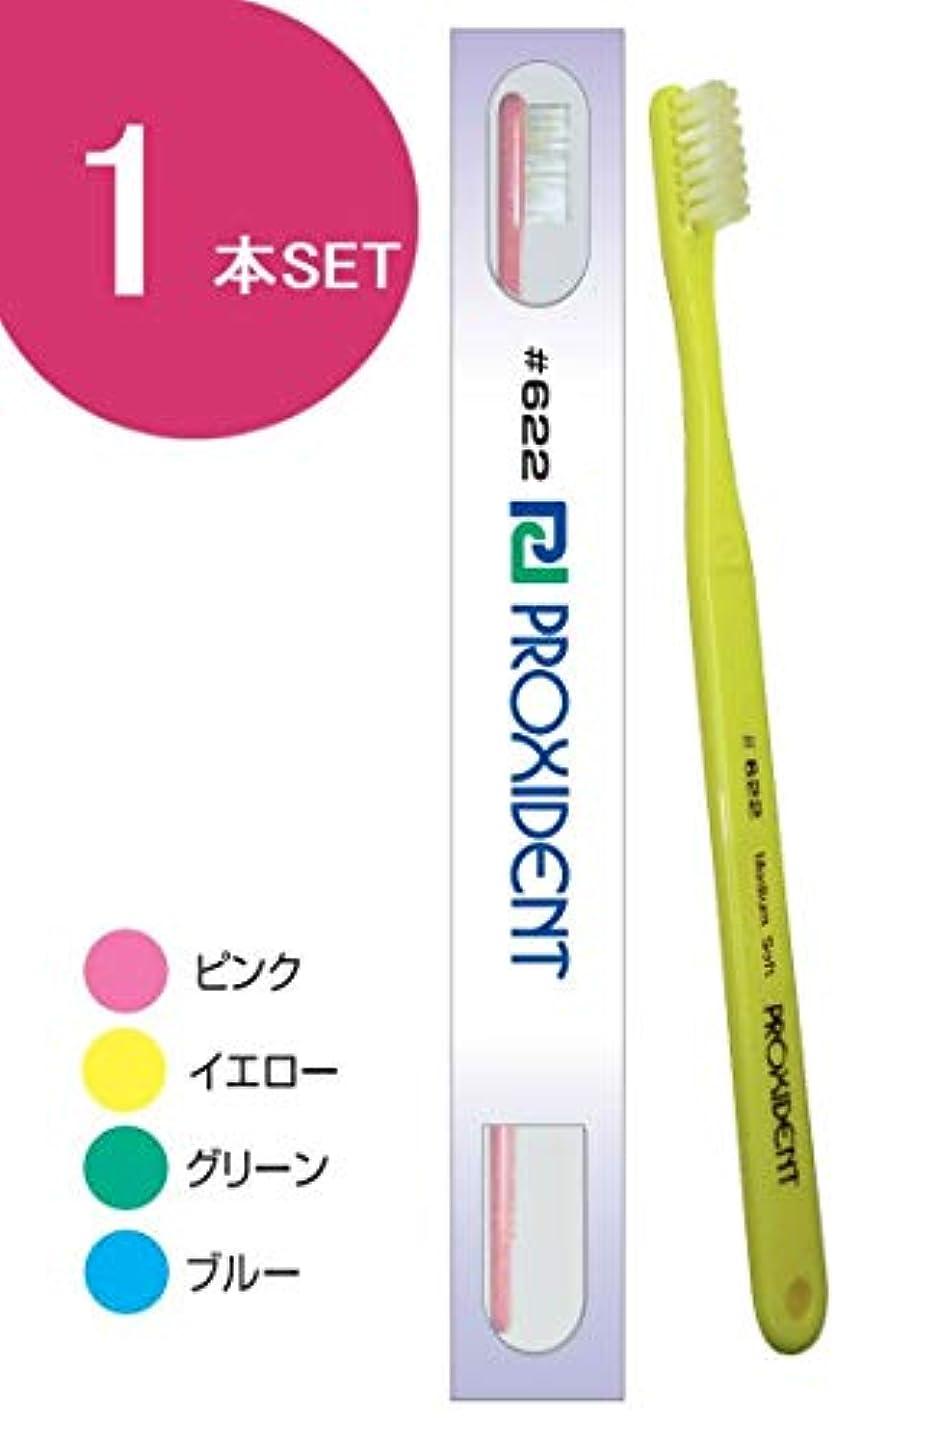 講義リビングルーム上げるプローデント プロキシデント コンパクトヘッド MS(ミディアムソフト) 歯ブラシ #622 (1本)